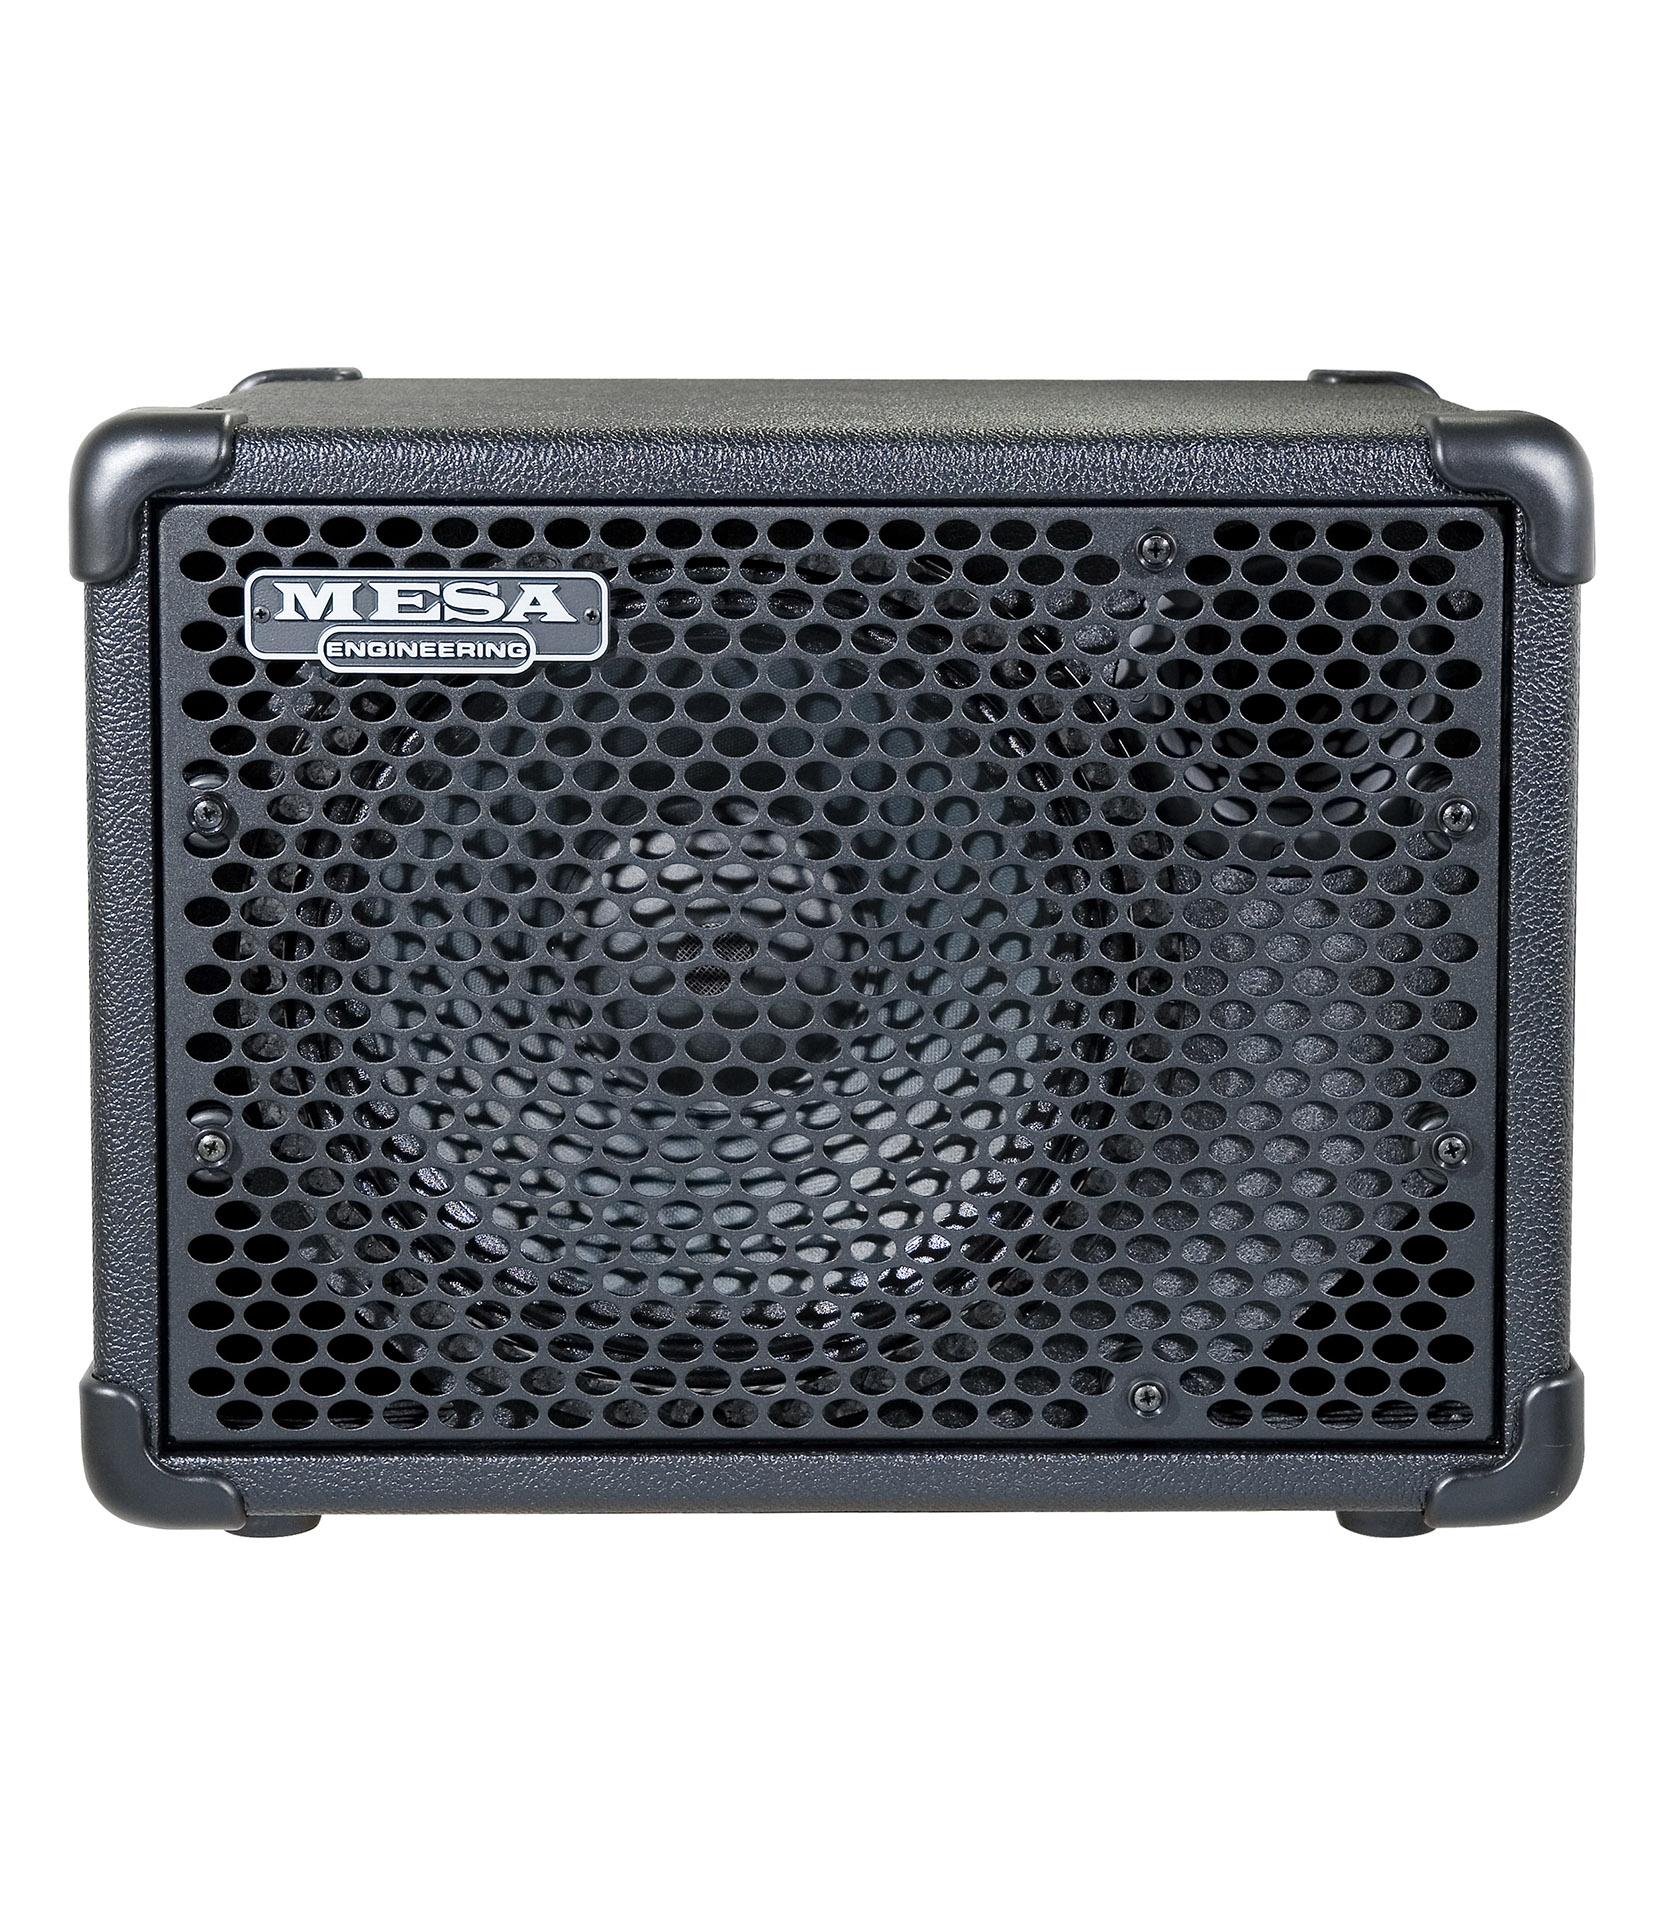 buy mesaboogie 1x12 standard powerhouse bass cabinet